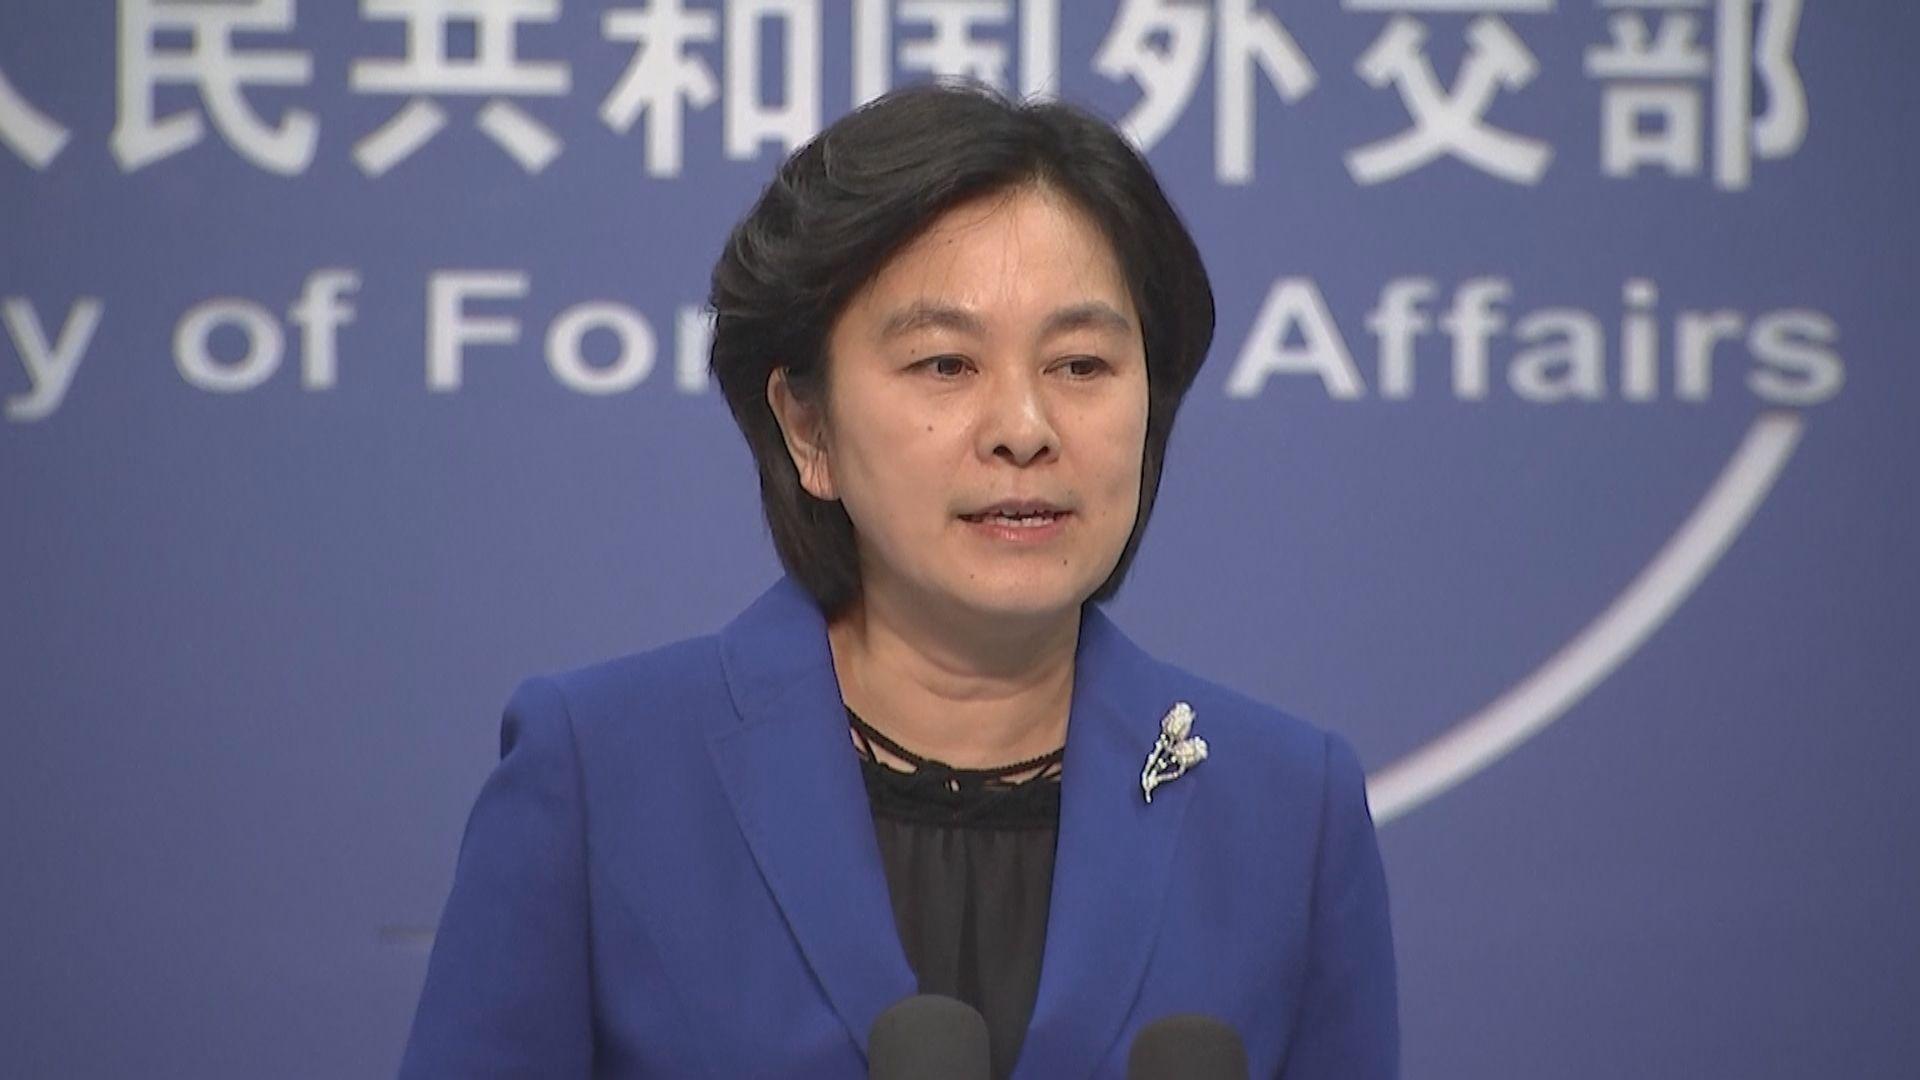 外交部:嚴正要求外國勿插手香港事務